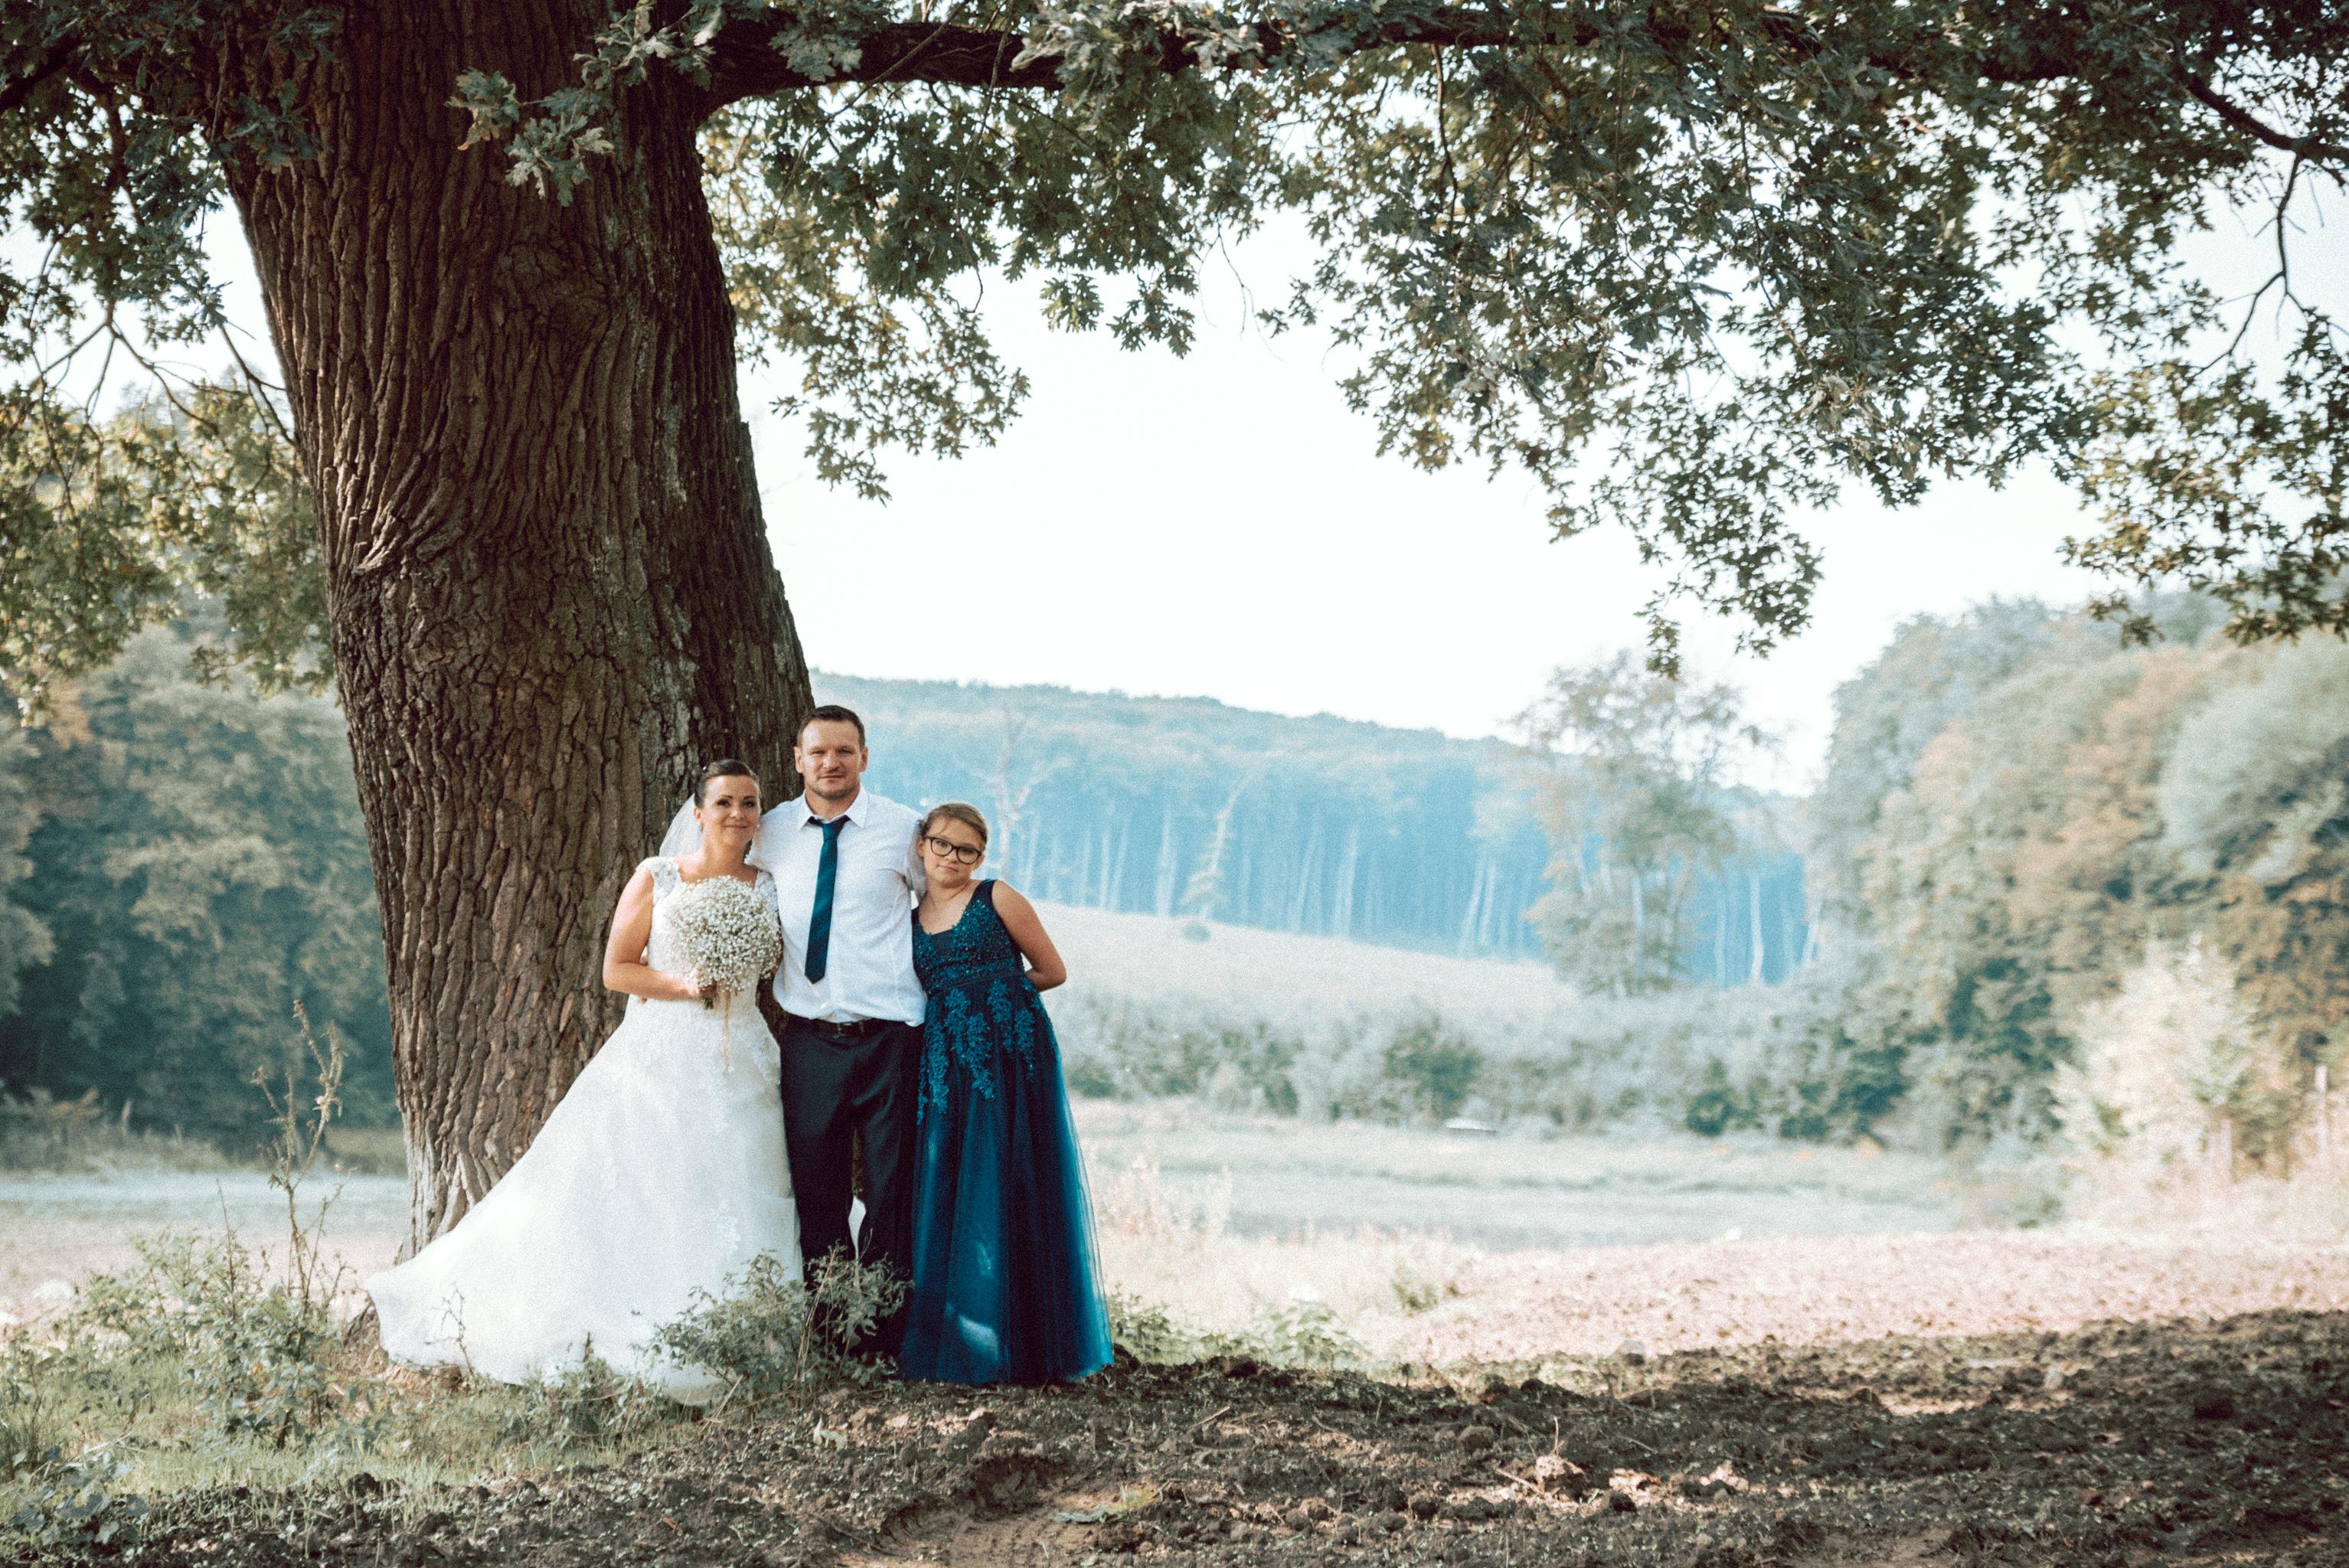 Anita & Robi - Kreatív páros 119 of 120 www.papaizoltanphoto.hu